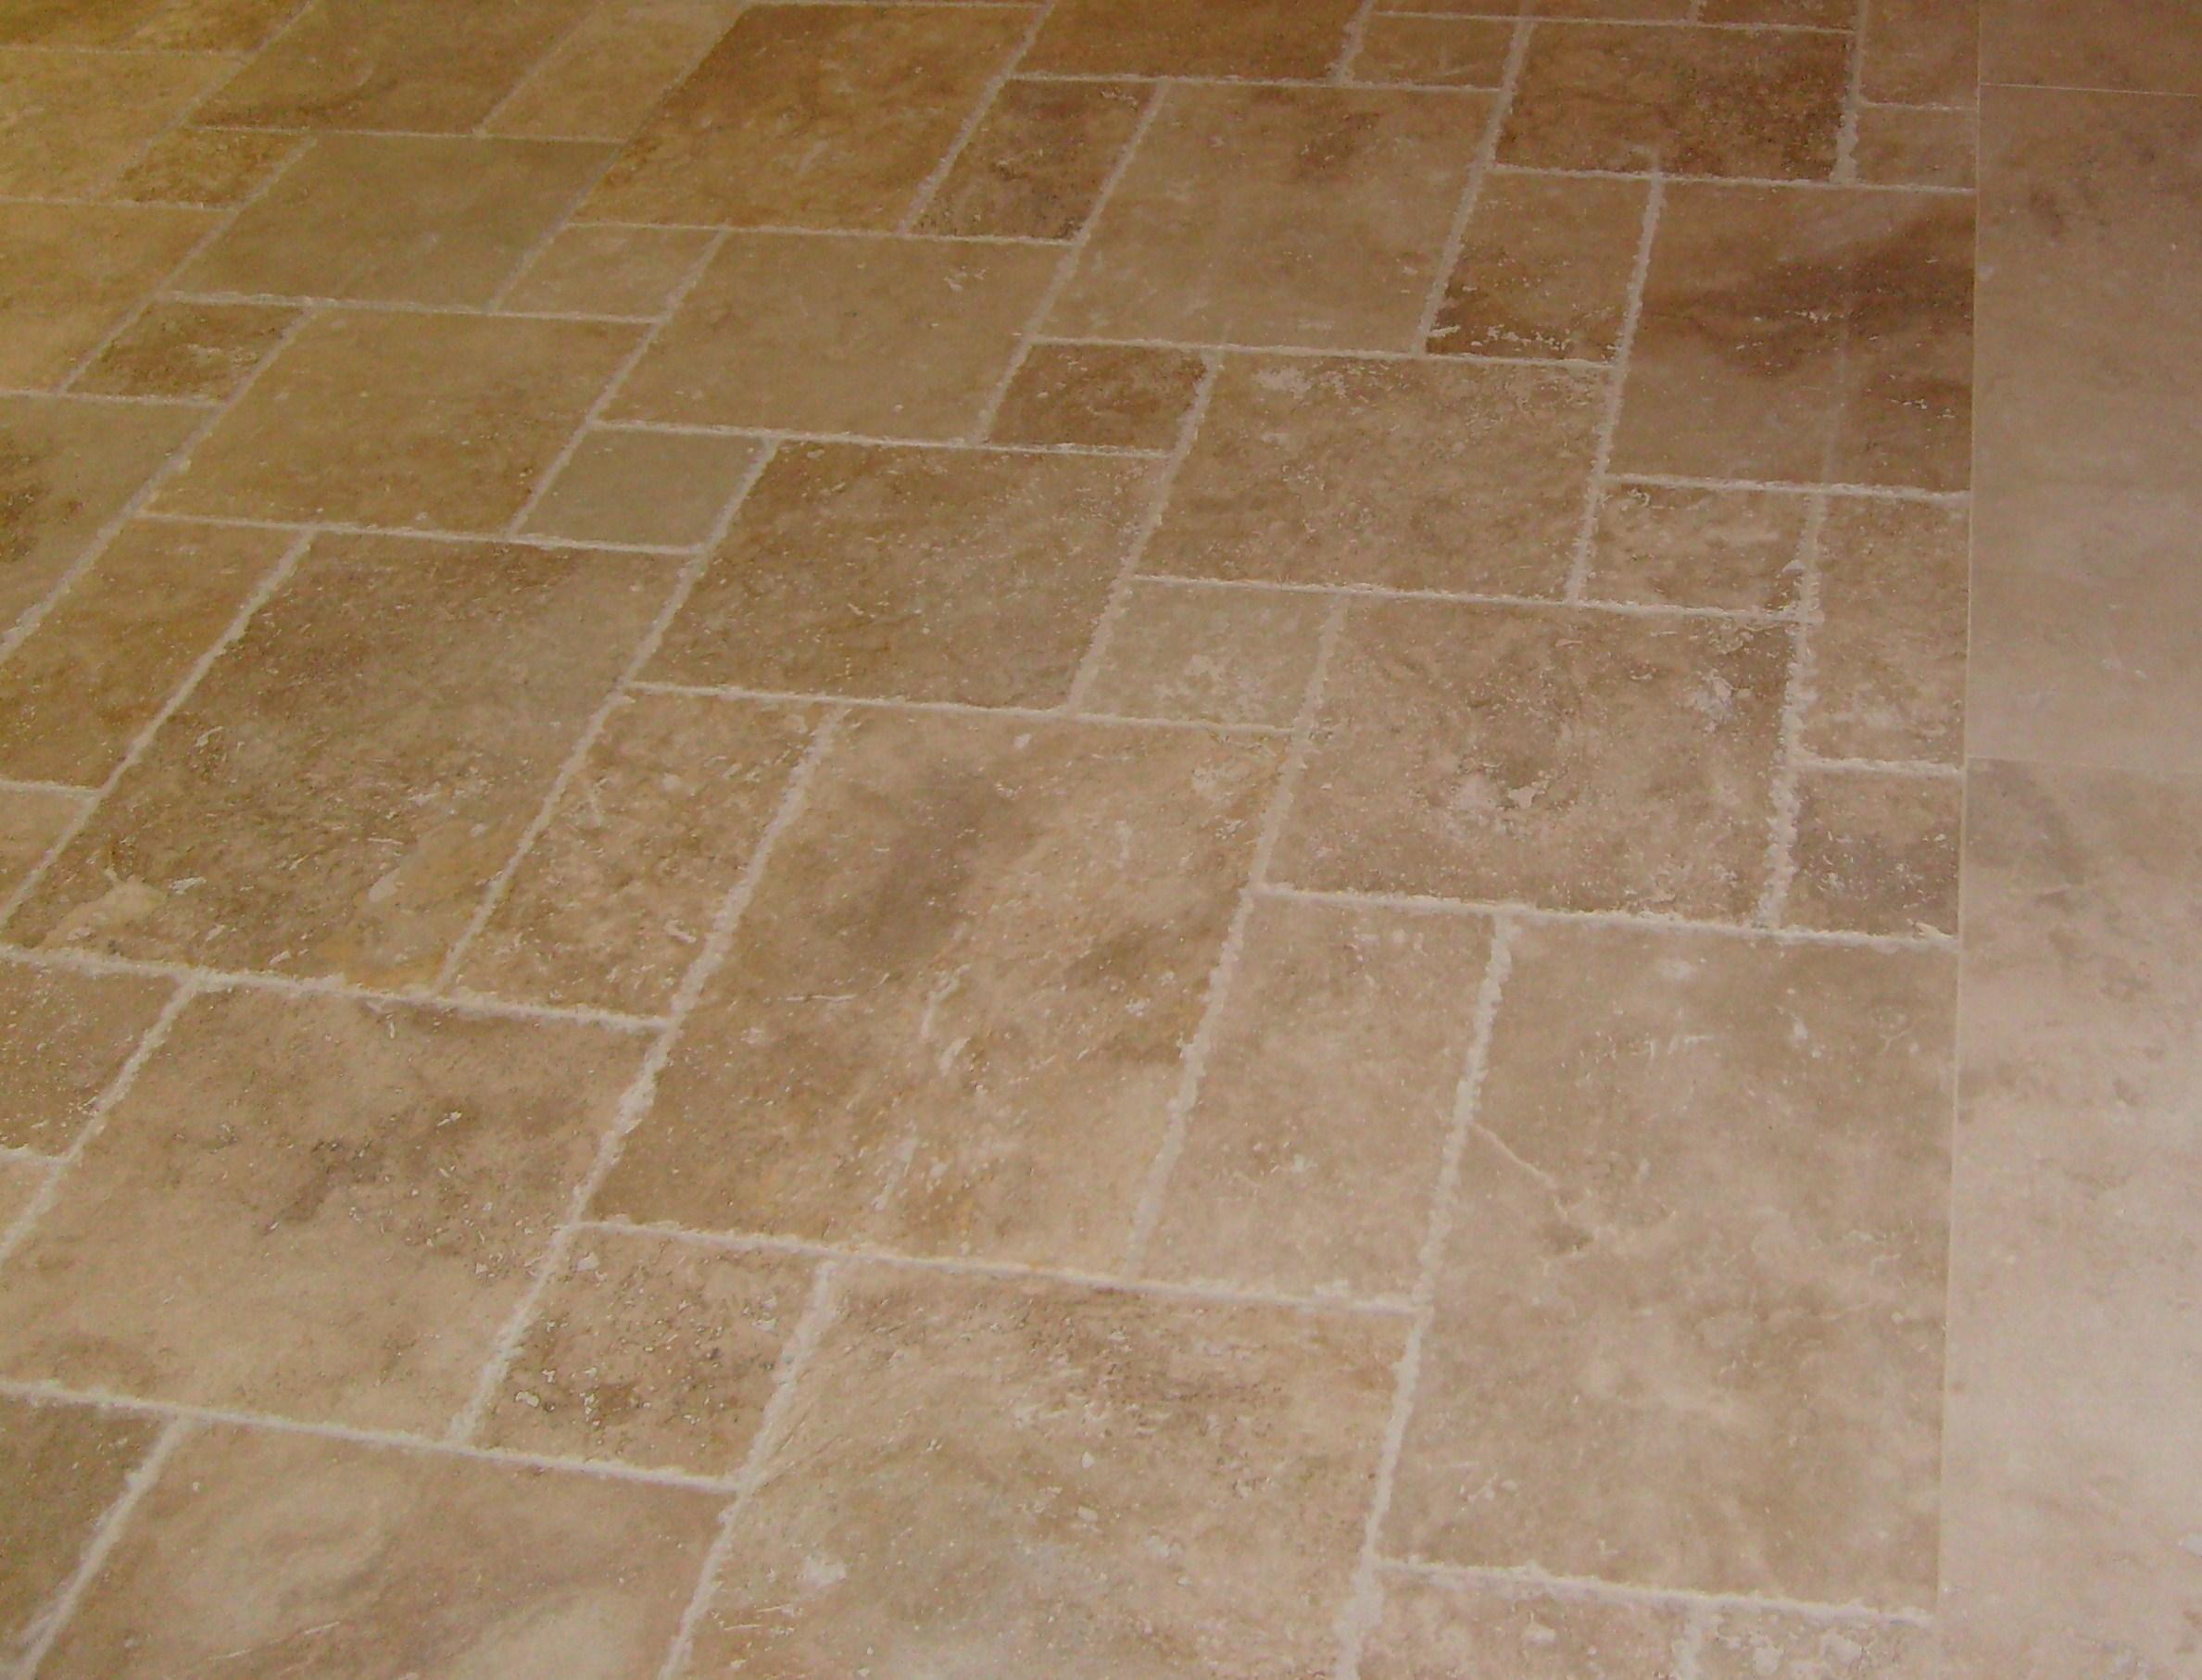 Images Of Tile Floor Patterns